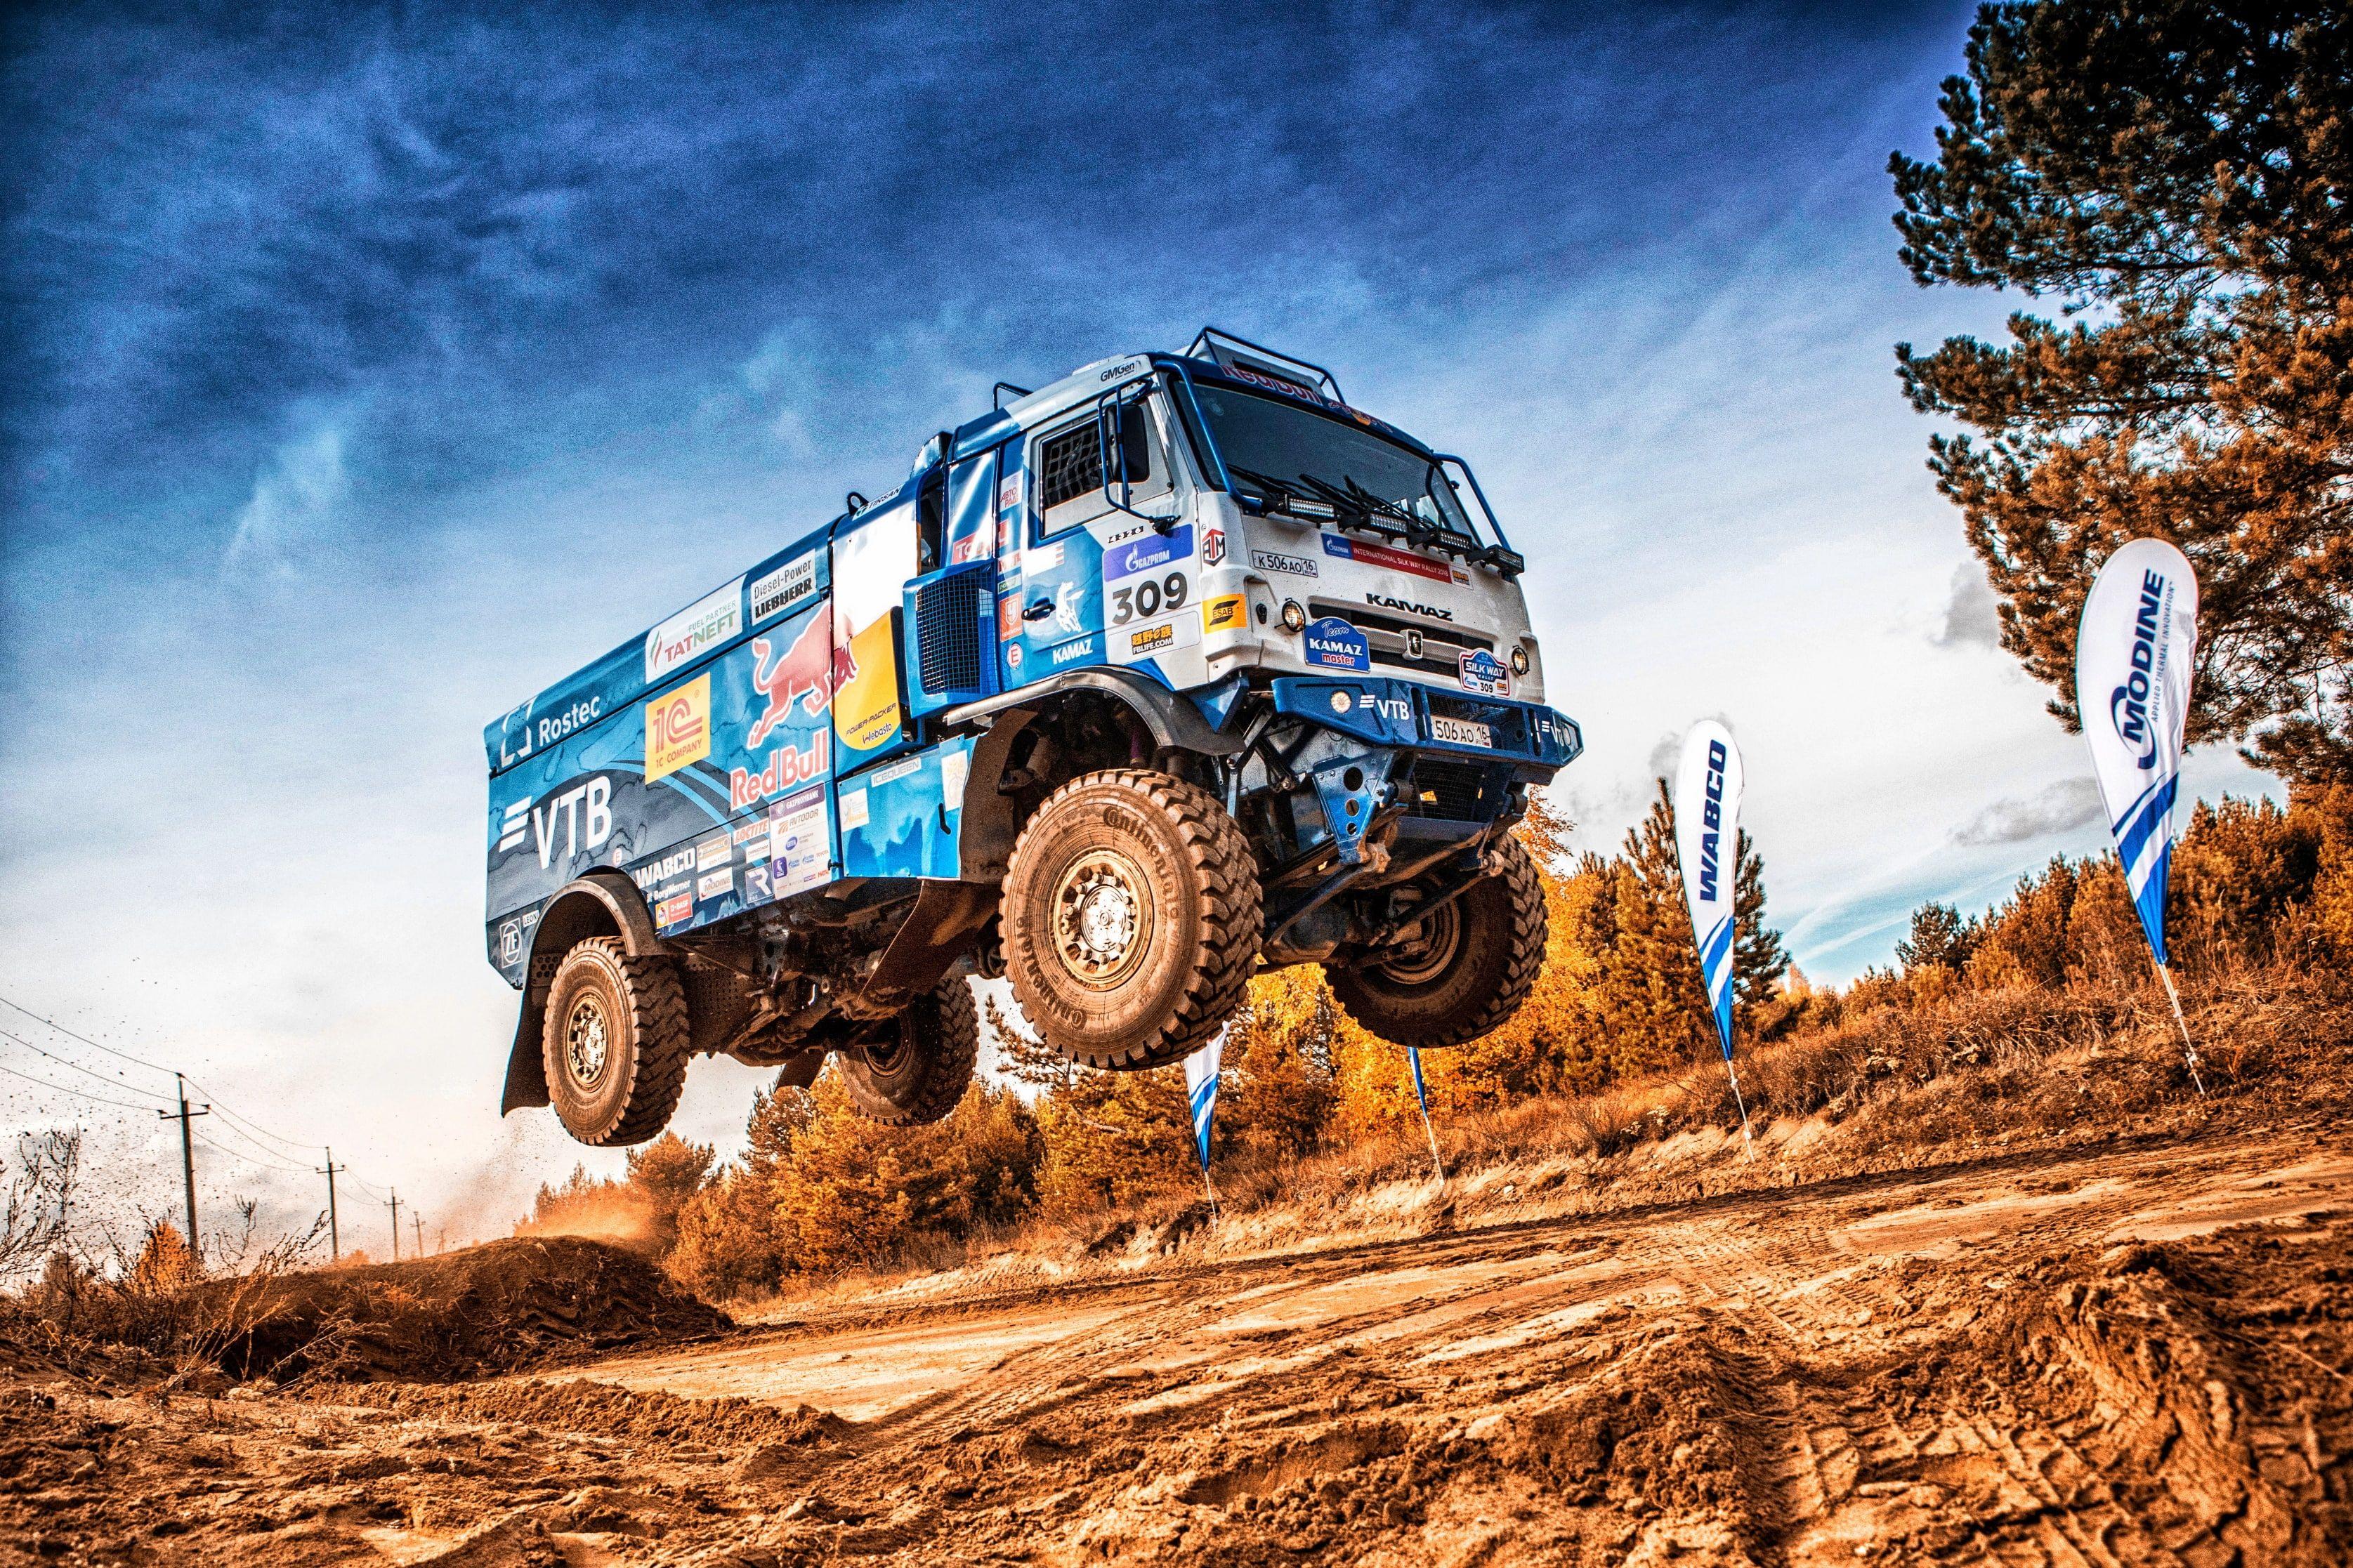 Racing Rally Truck Vehicle Dirt Jumping Blue Sky Kamaz Dutch Tilt 2k Wallpaper Hdwallpaper Desktop Trucks Rally Racing